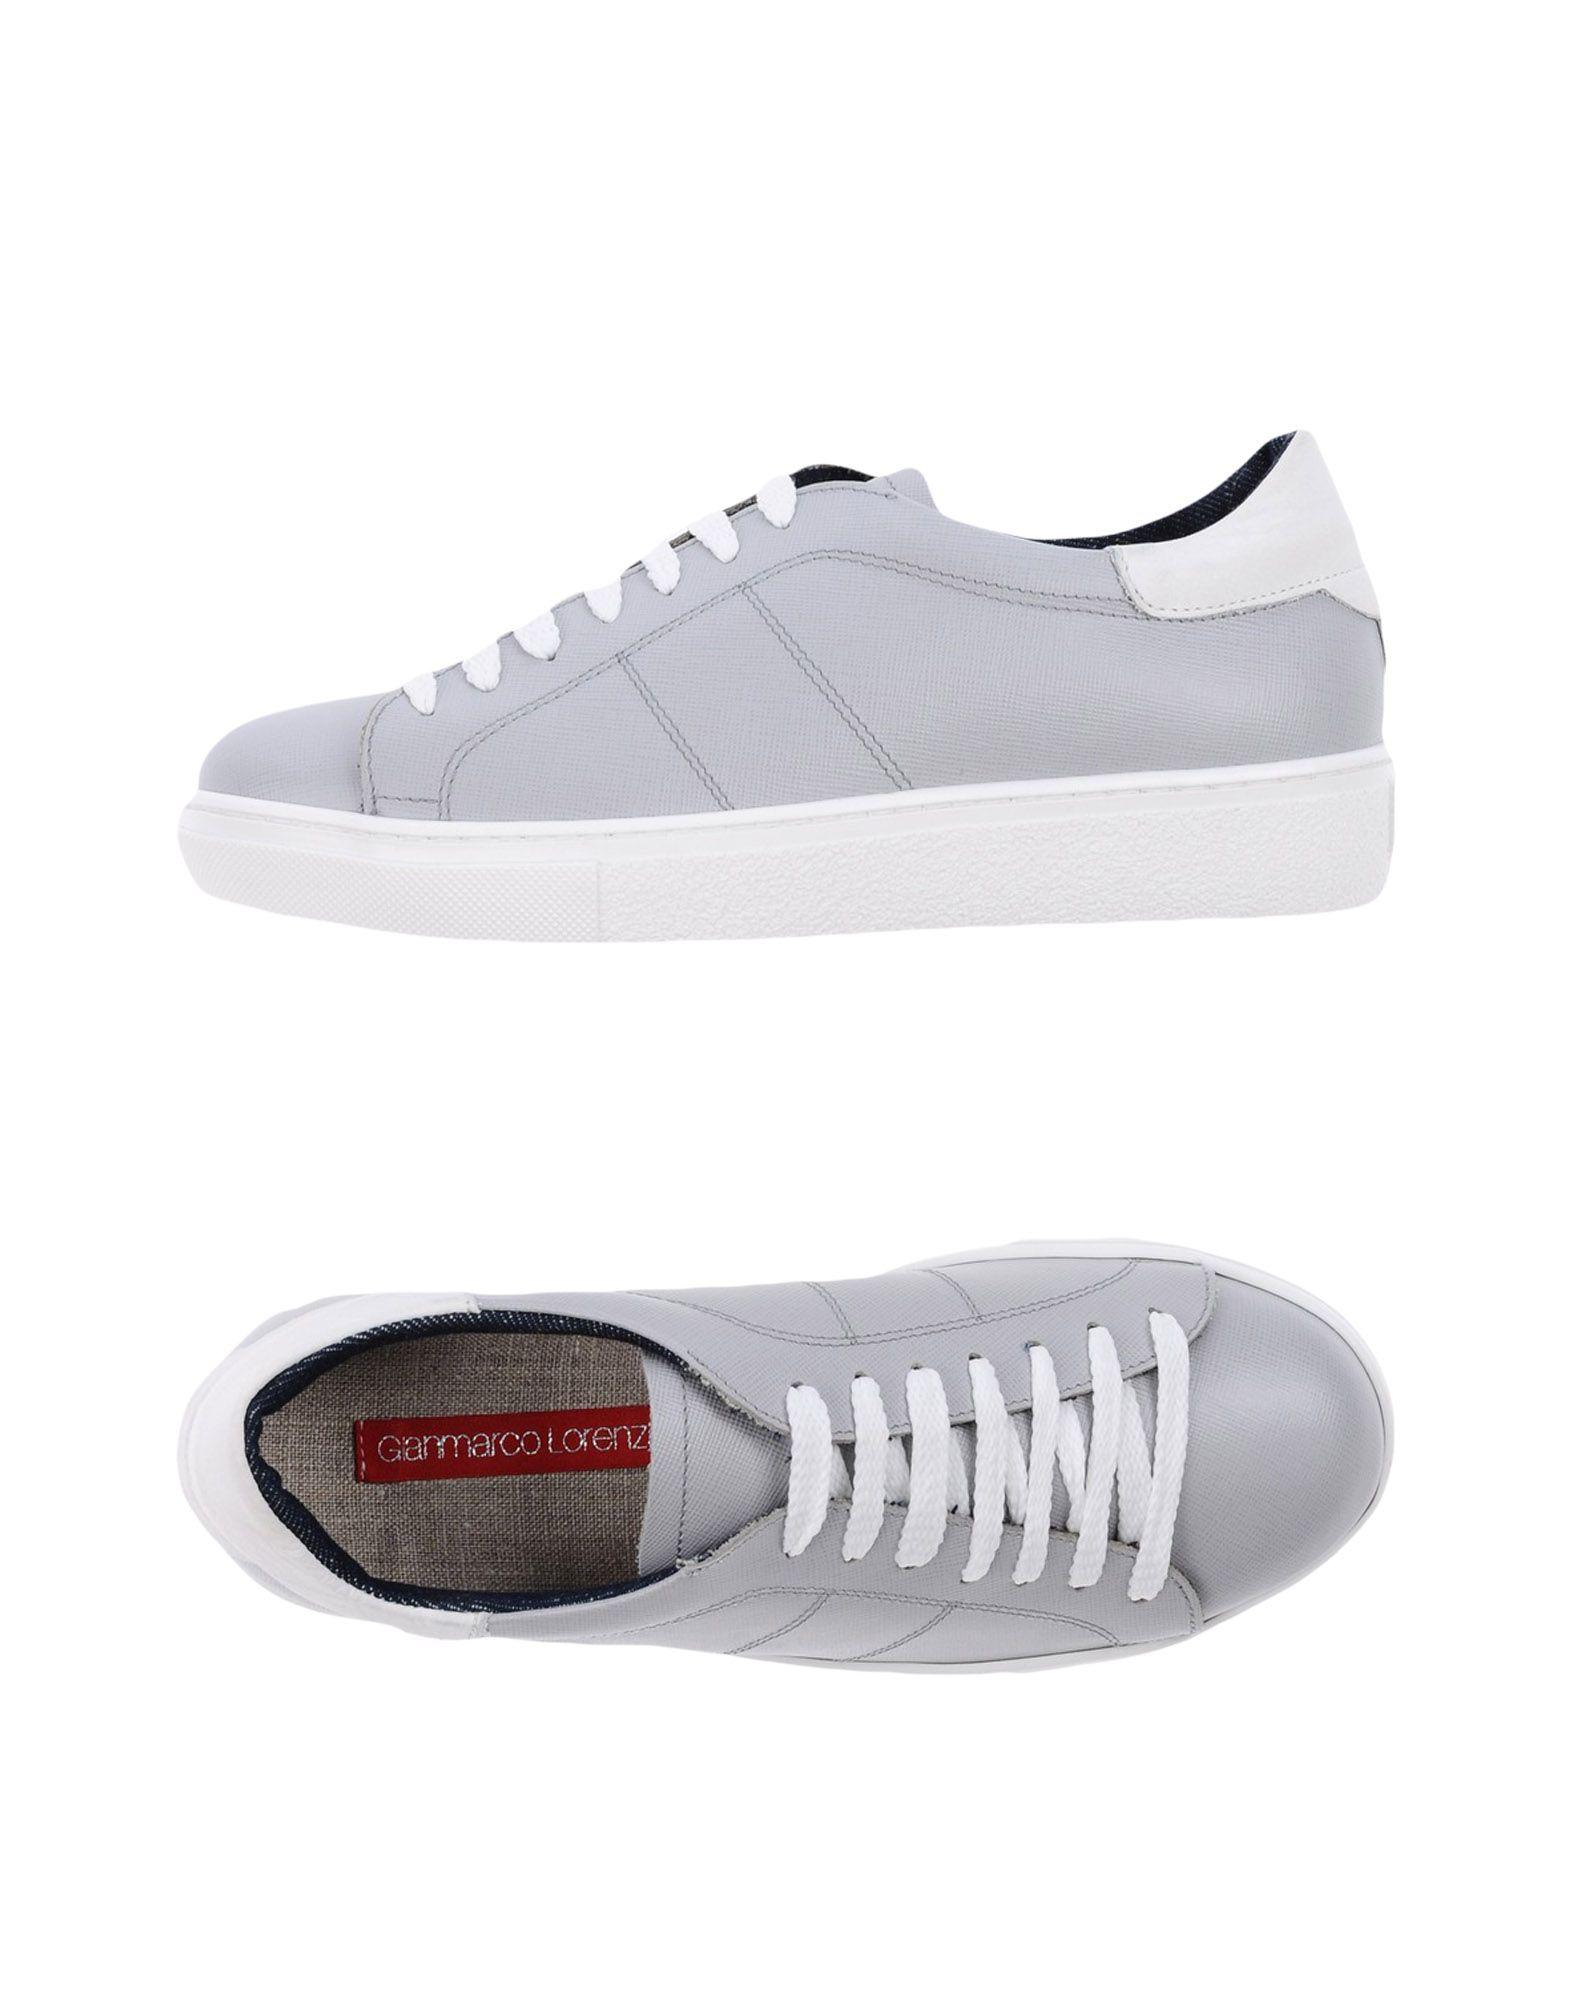 GIANMARCO LORENZI Damen Low Sneakers & Tennisschuhe Farbe Hellgrau Größe 9 jetztbilligerkaufen